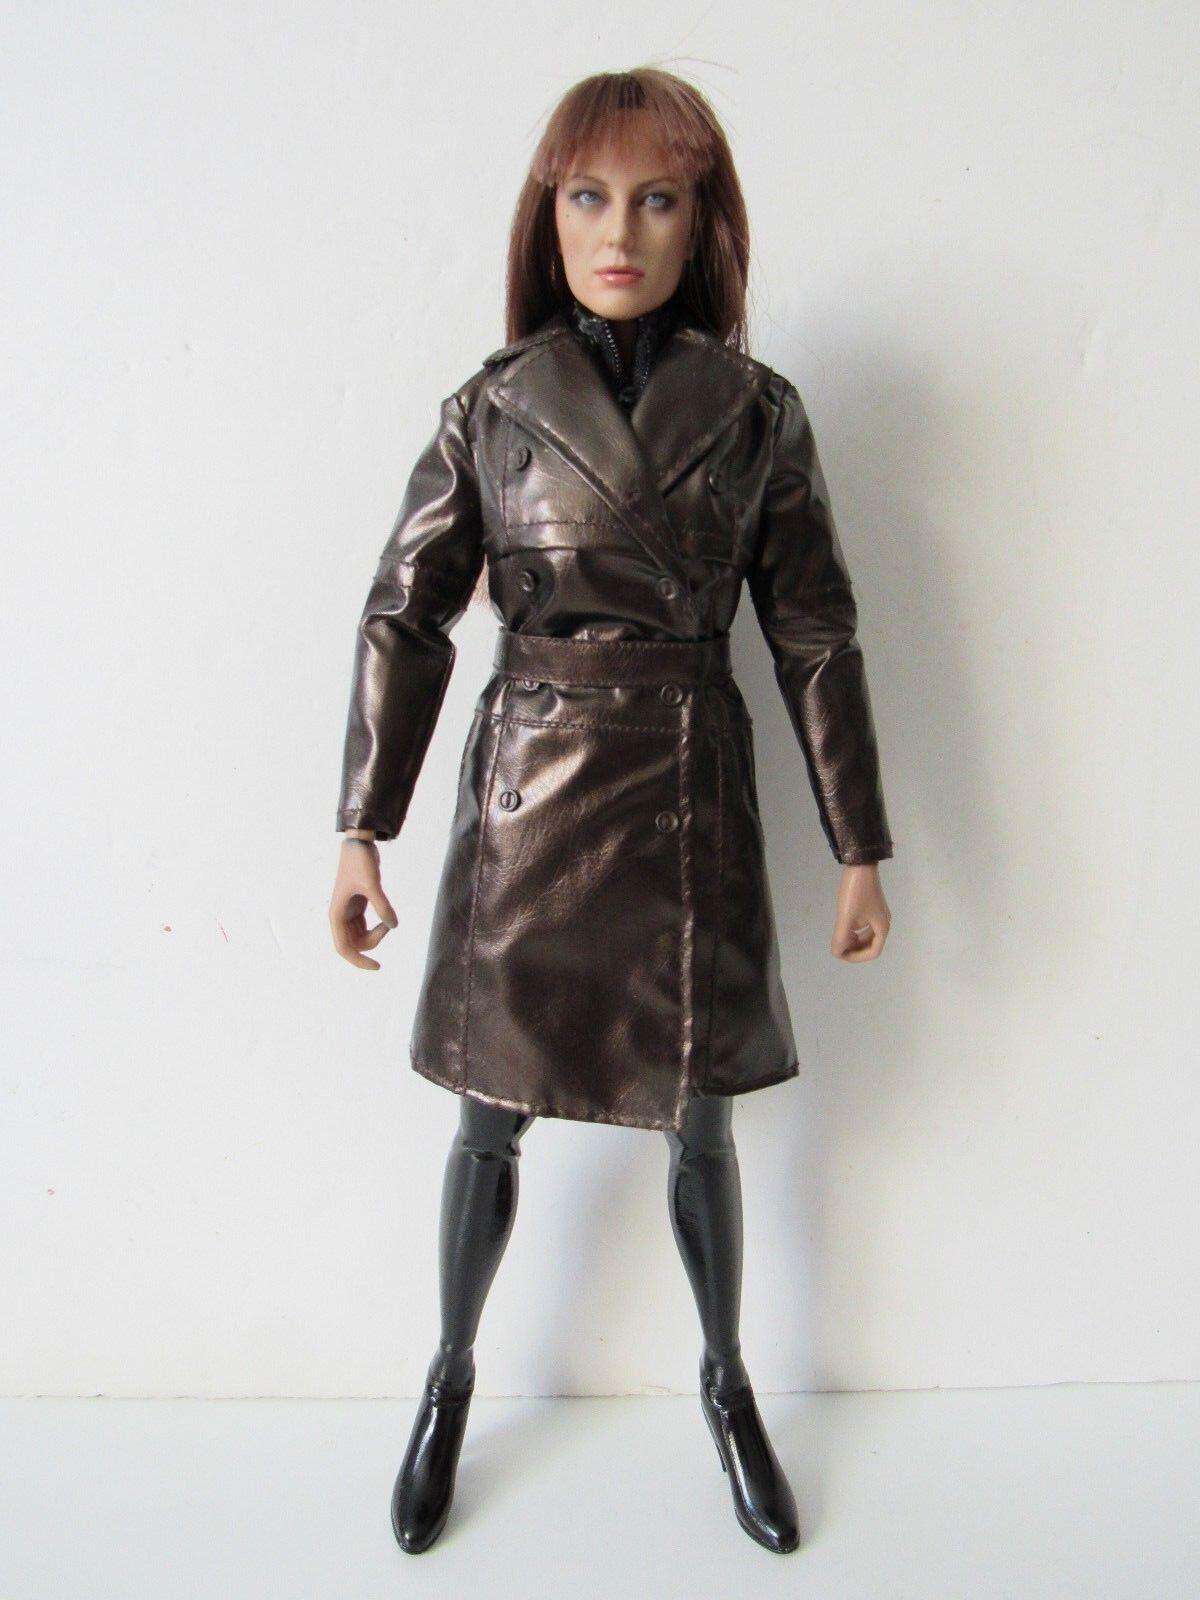 Hot Toys 1 6 Scale Watchmen Silk Spectre II Malin Akerman Action Figure